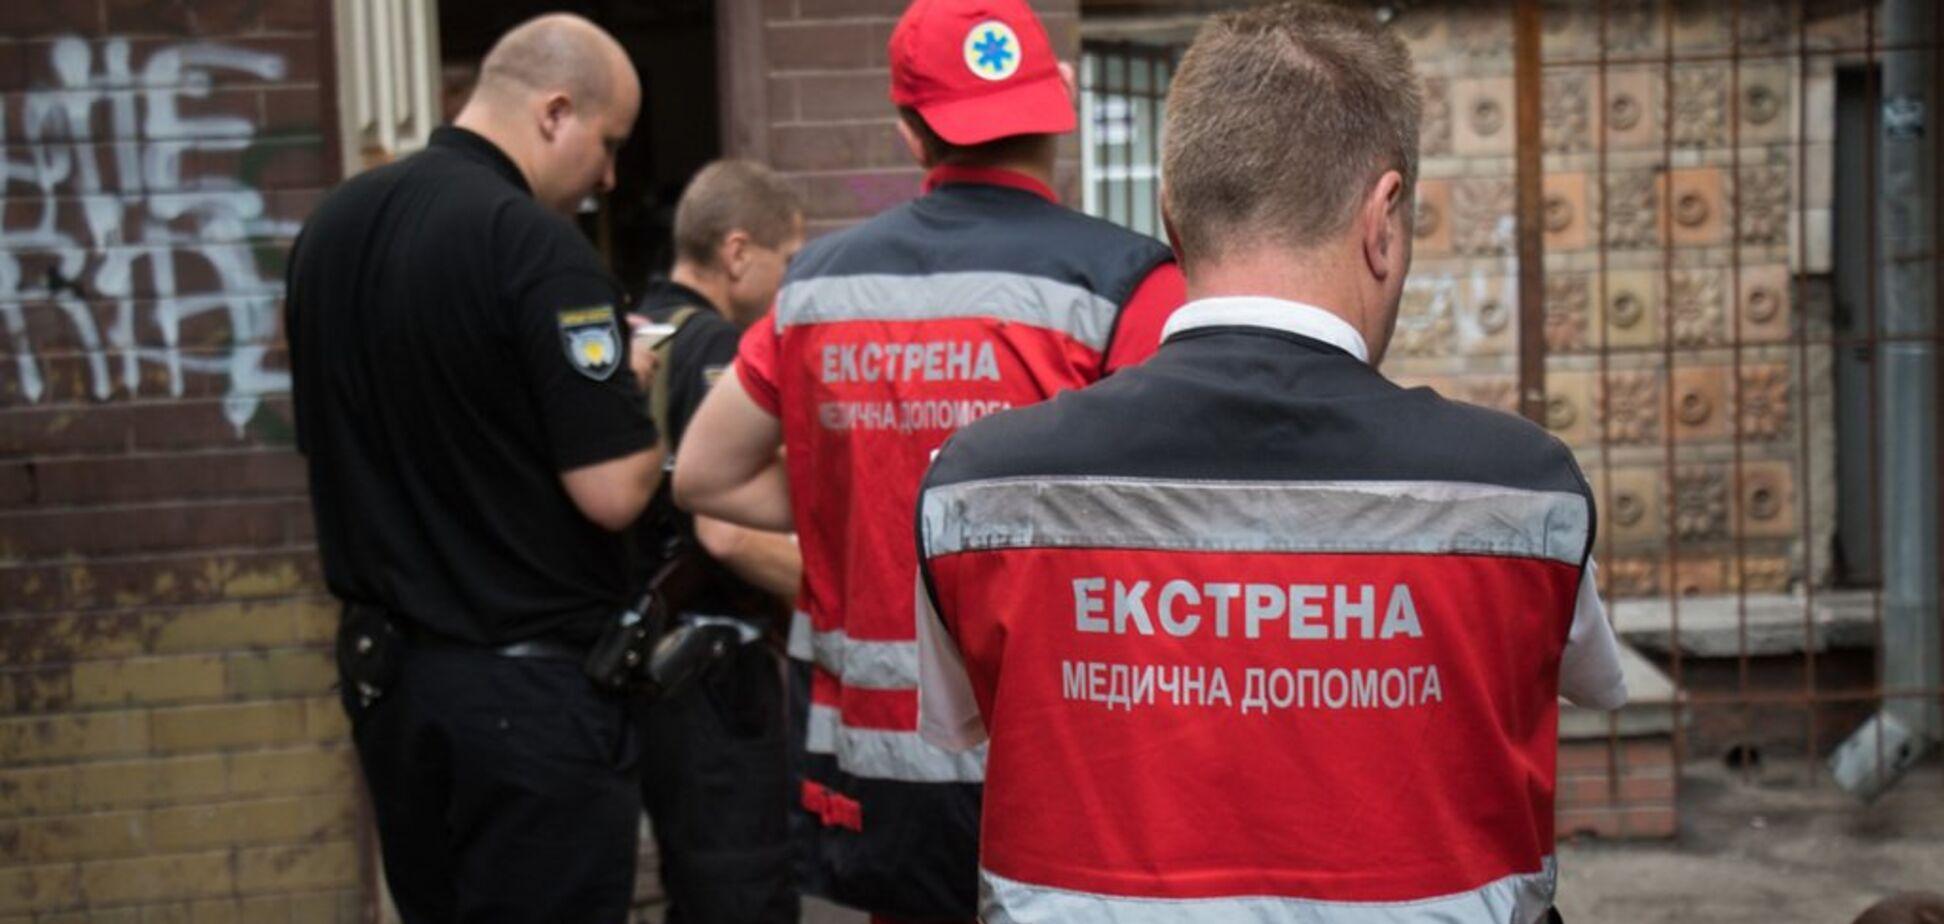 У готелі в центрі Києва загадково помер чоловік